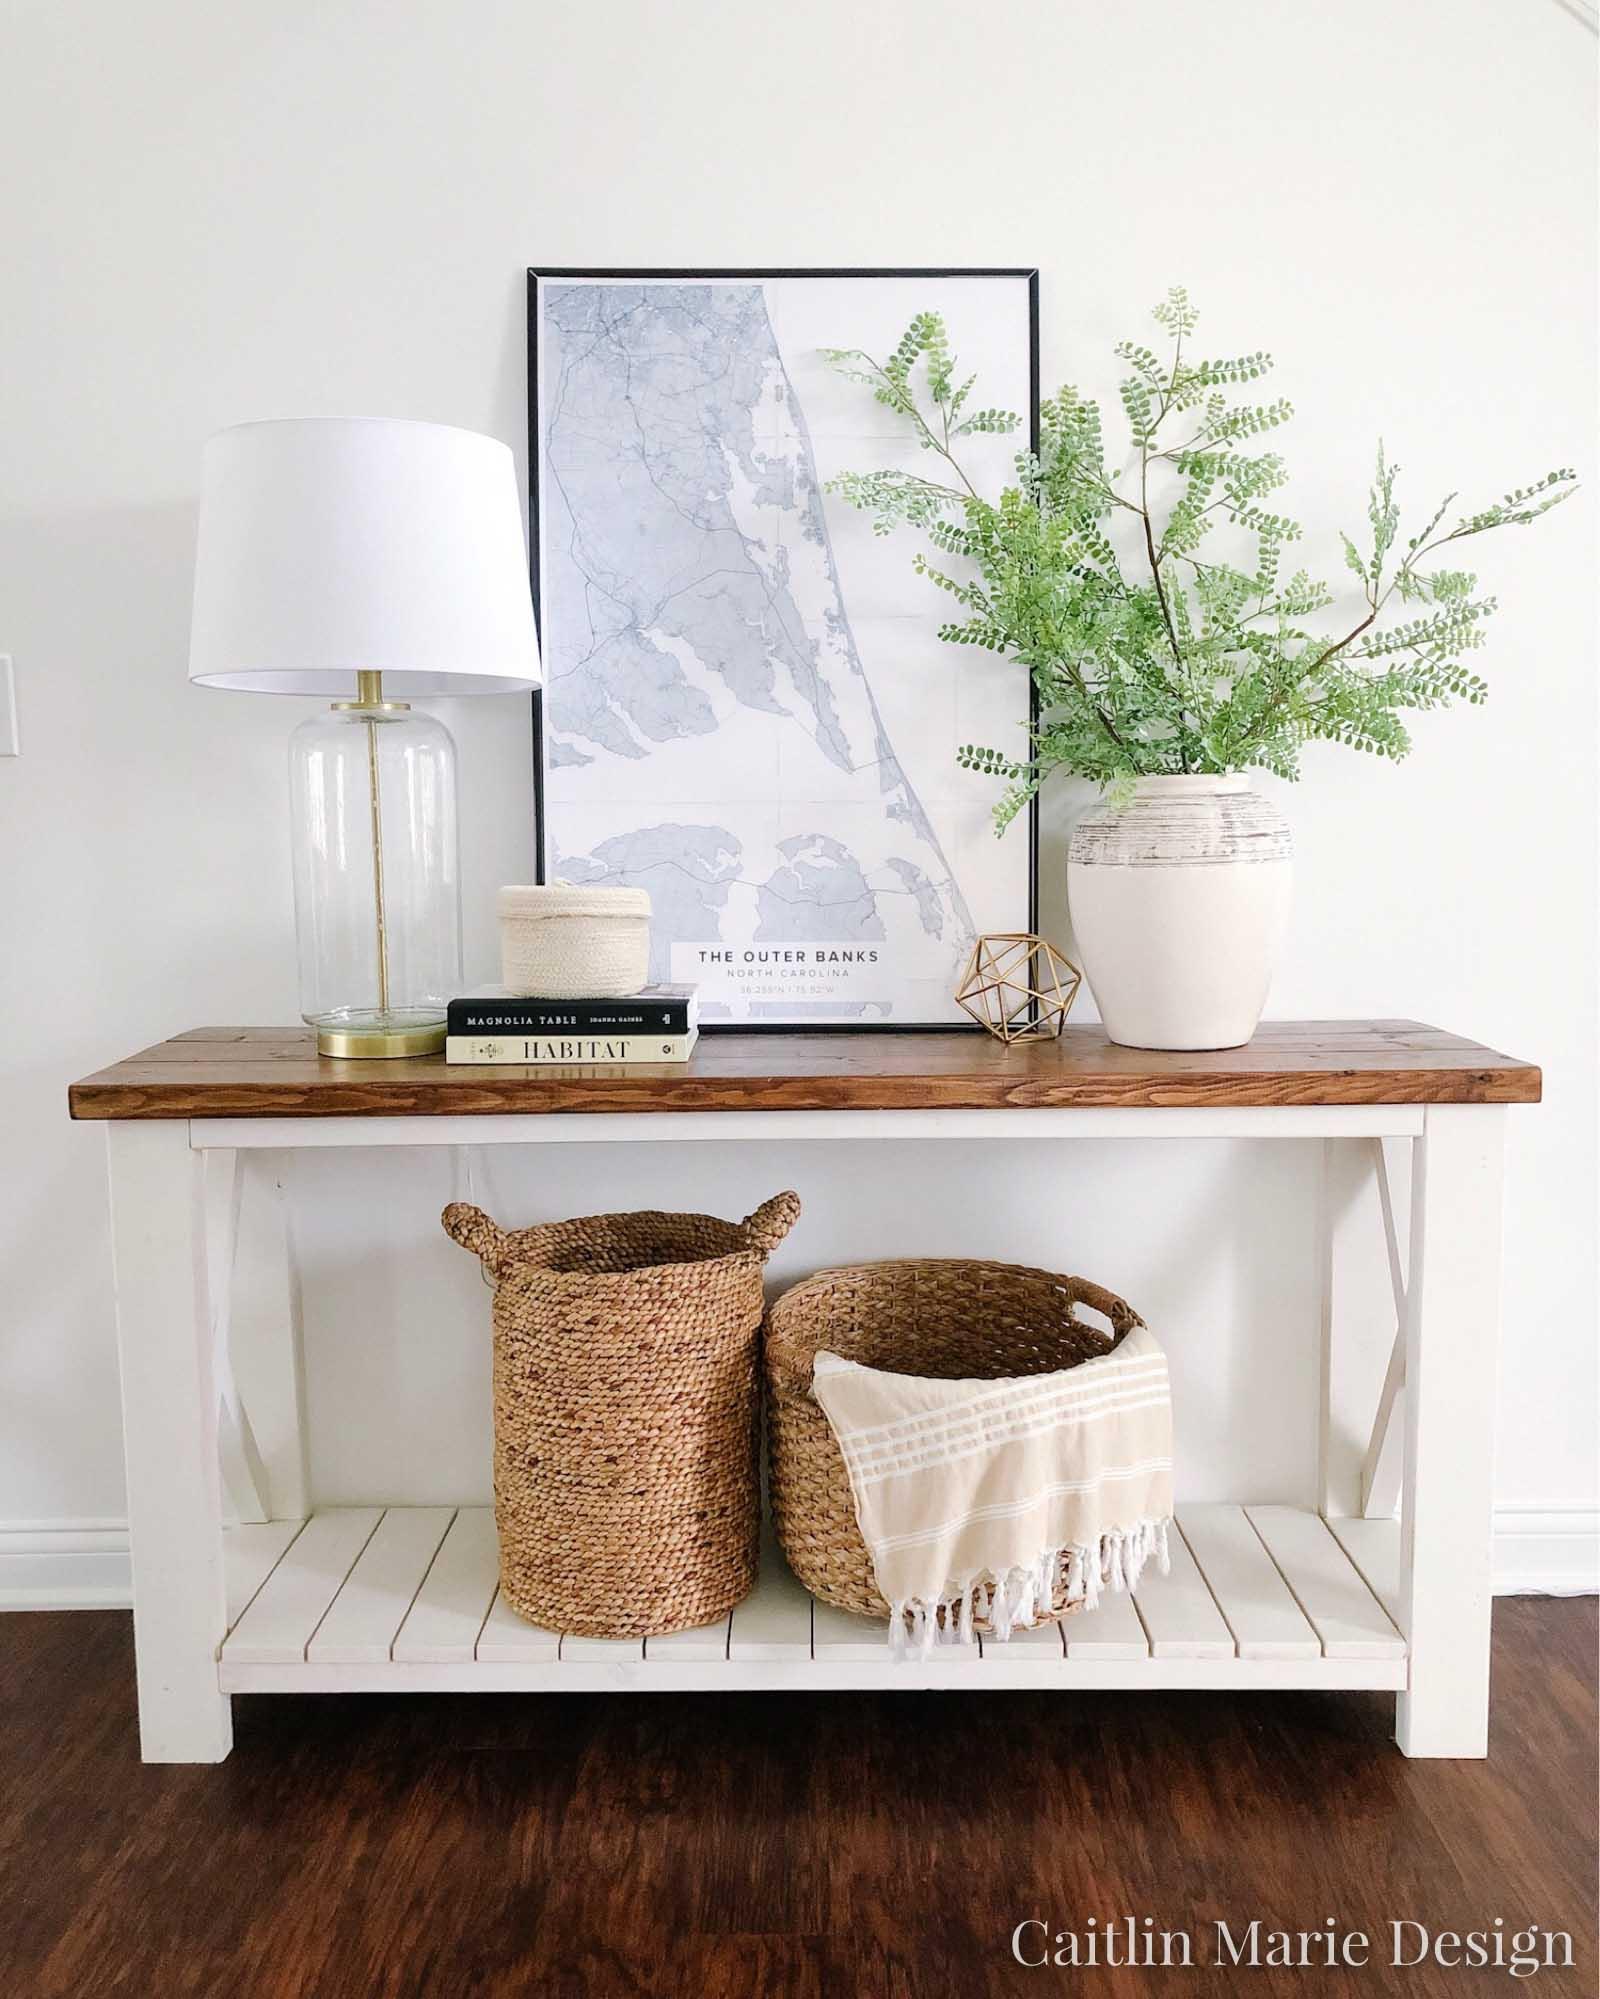 Entryway Styling Ideas | coastal modern decor, coastal home, Mapiful, jar vase, baskets